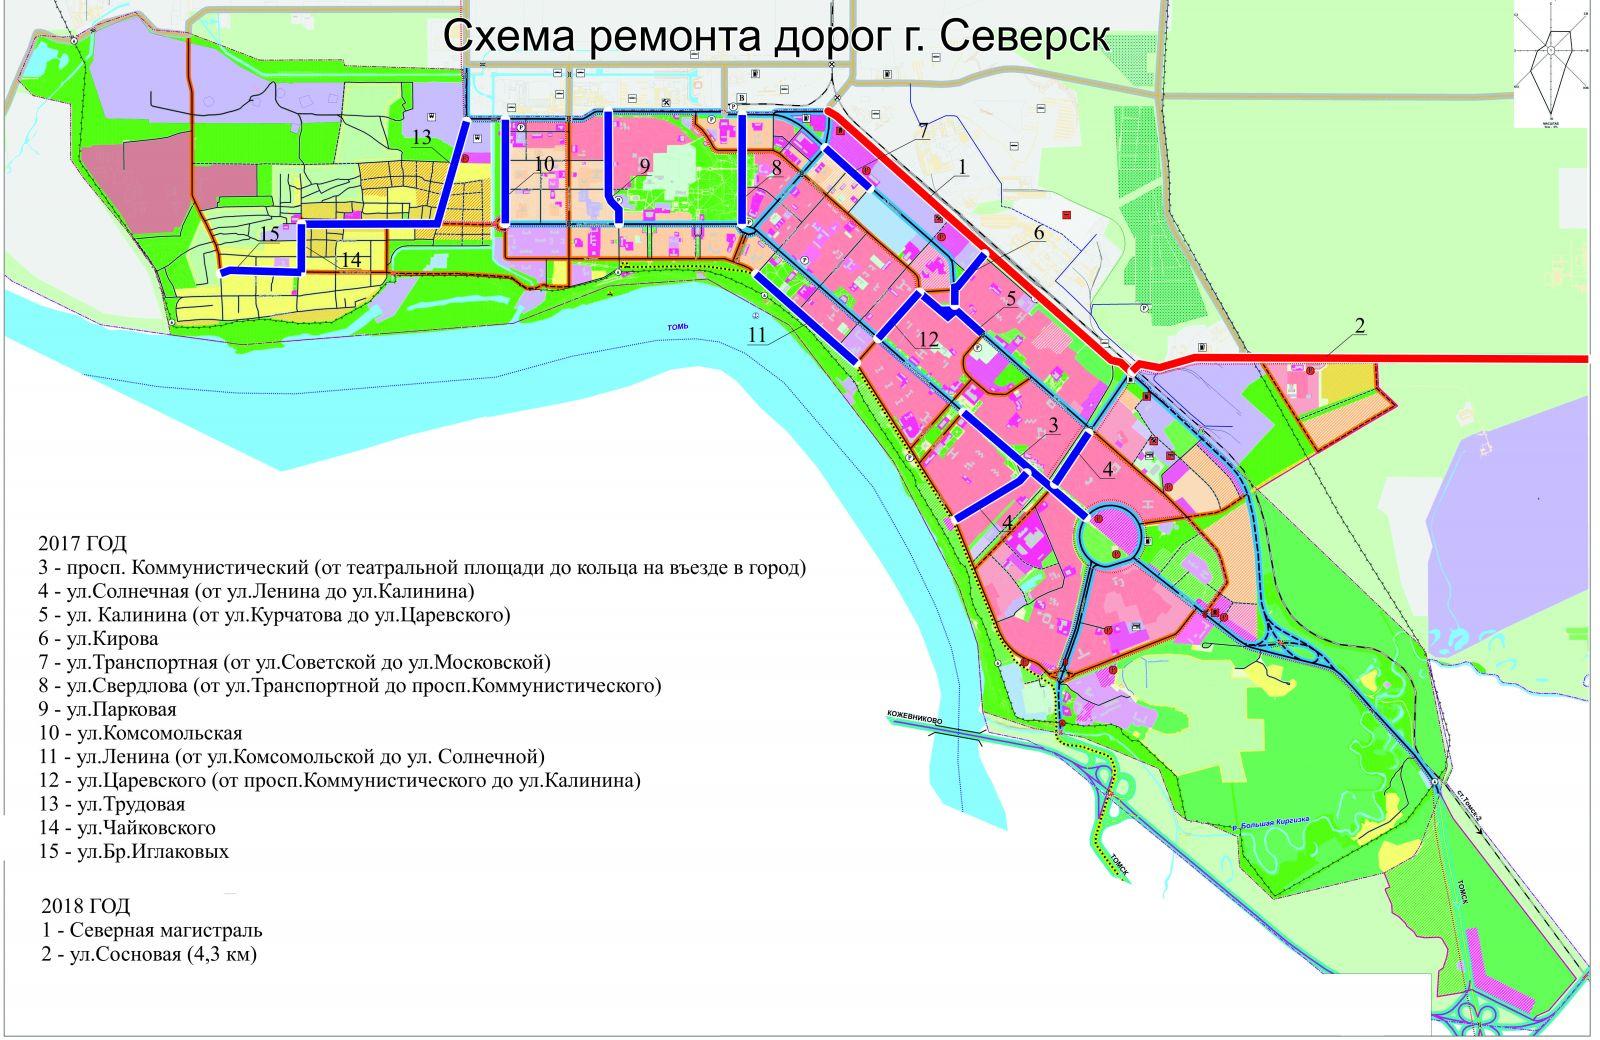 В 2017 году будет отремонтирована главная улица города